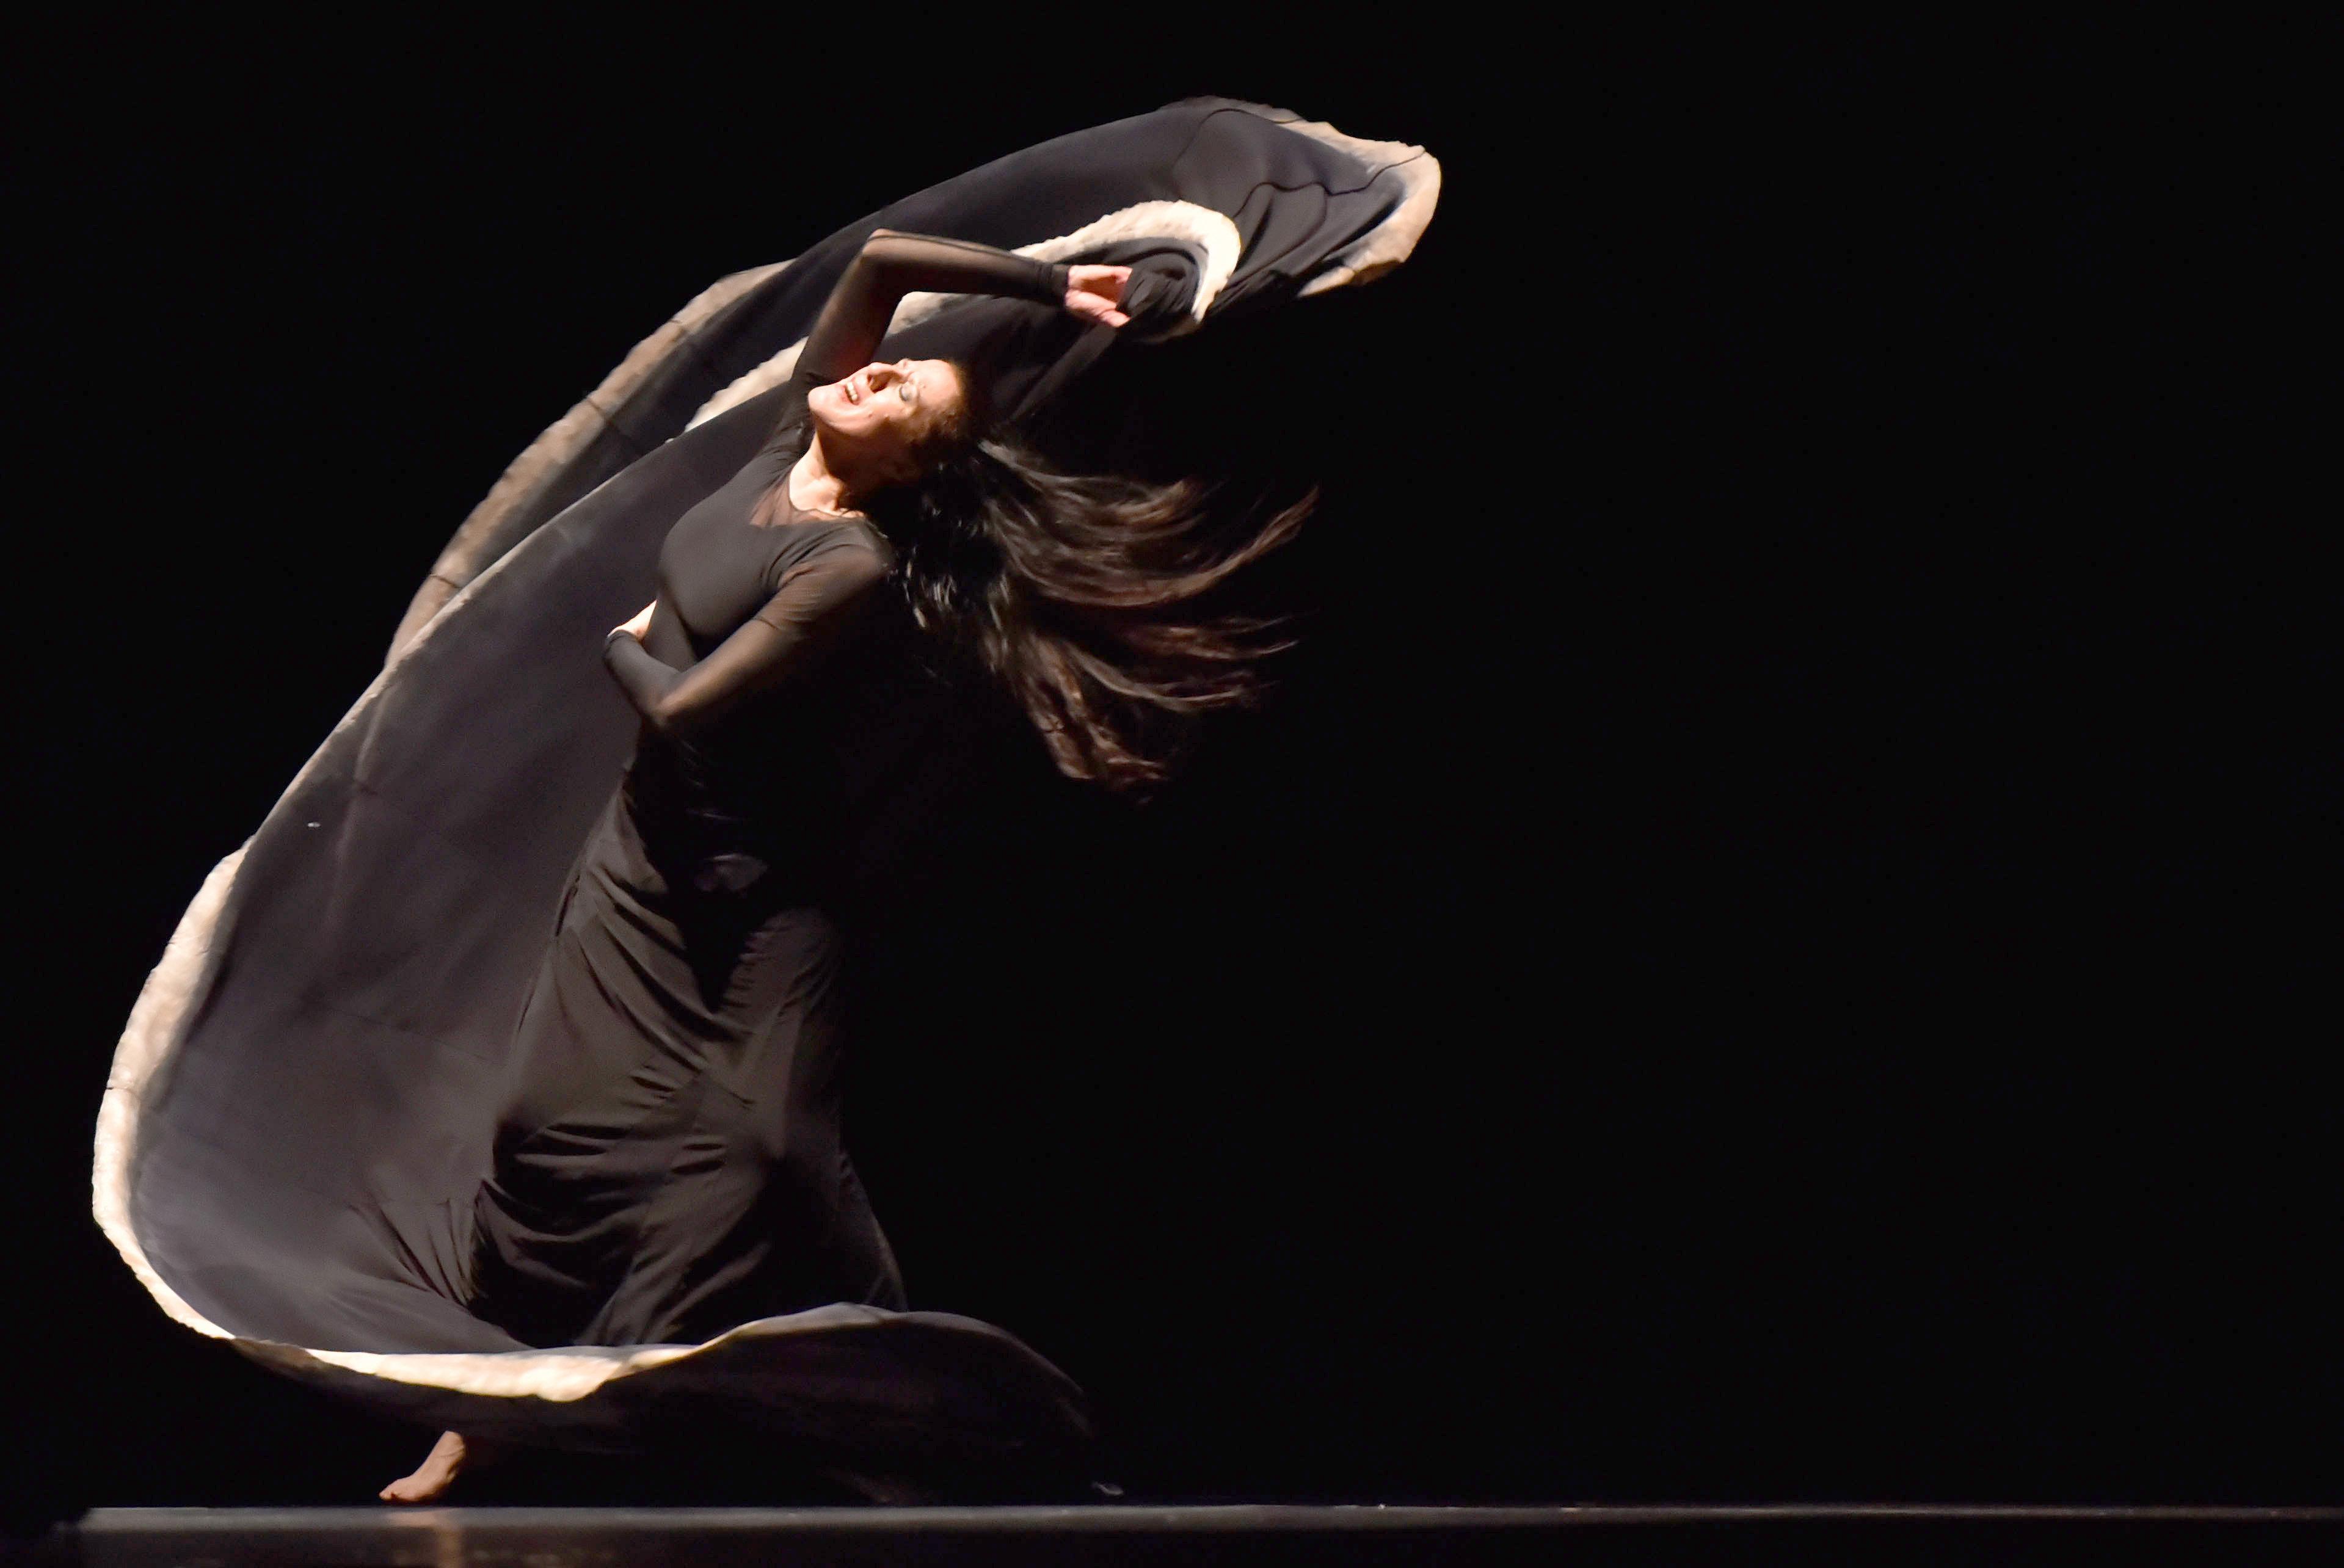 """L'obra """"Jo, Carmen"""", dirigida per l'espanyola María Pagés, durant la tercera edició de la Biennal Internacional de Cali (Colòmbia). /ERNESTO GUZMÁN JR"""